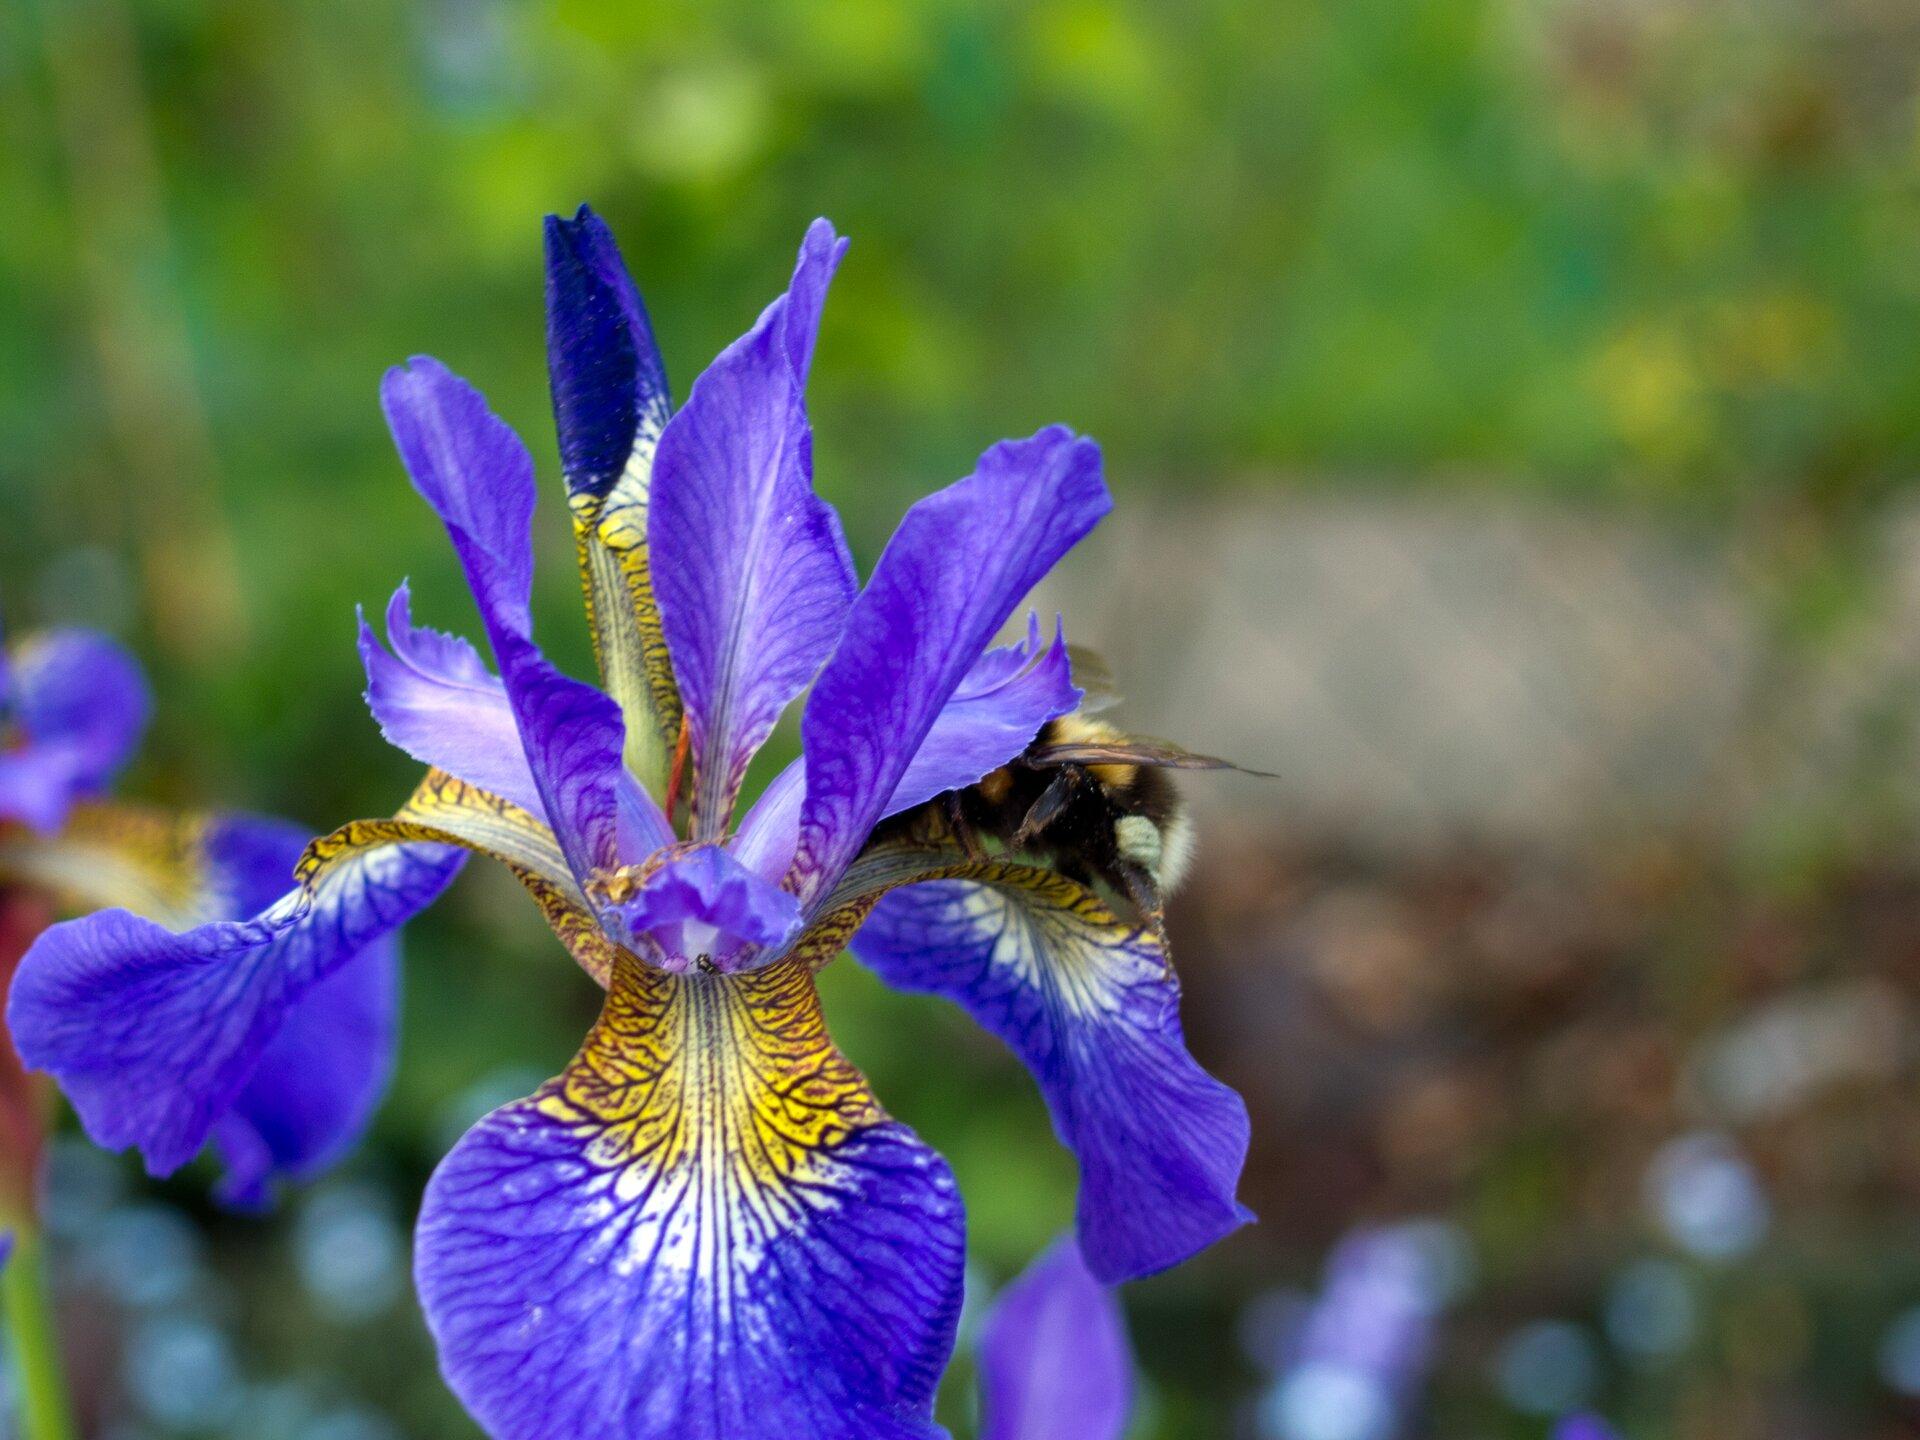 Fotografia przedstawia zbliżenie kwiatu irysa. Ma sześć niebiesko żółtych płatków. Na każdym płatku znajduje się ciemny wzór zlinii ikropek. Jego zadaniem jest zwabienie owadów. Po prawej na płatku siedzi częściowo widoczna pszczoła.